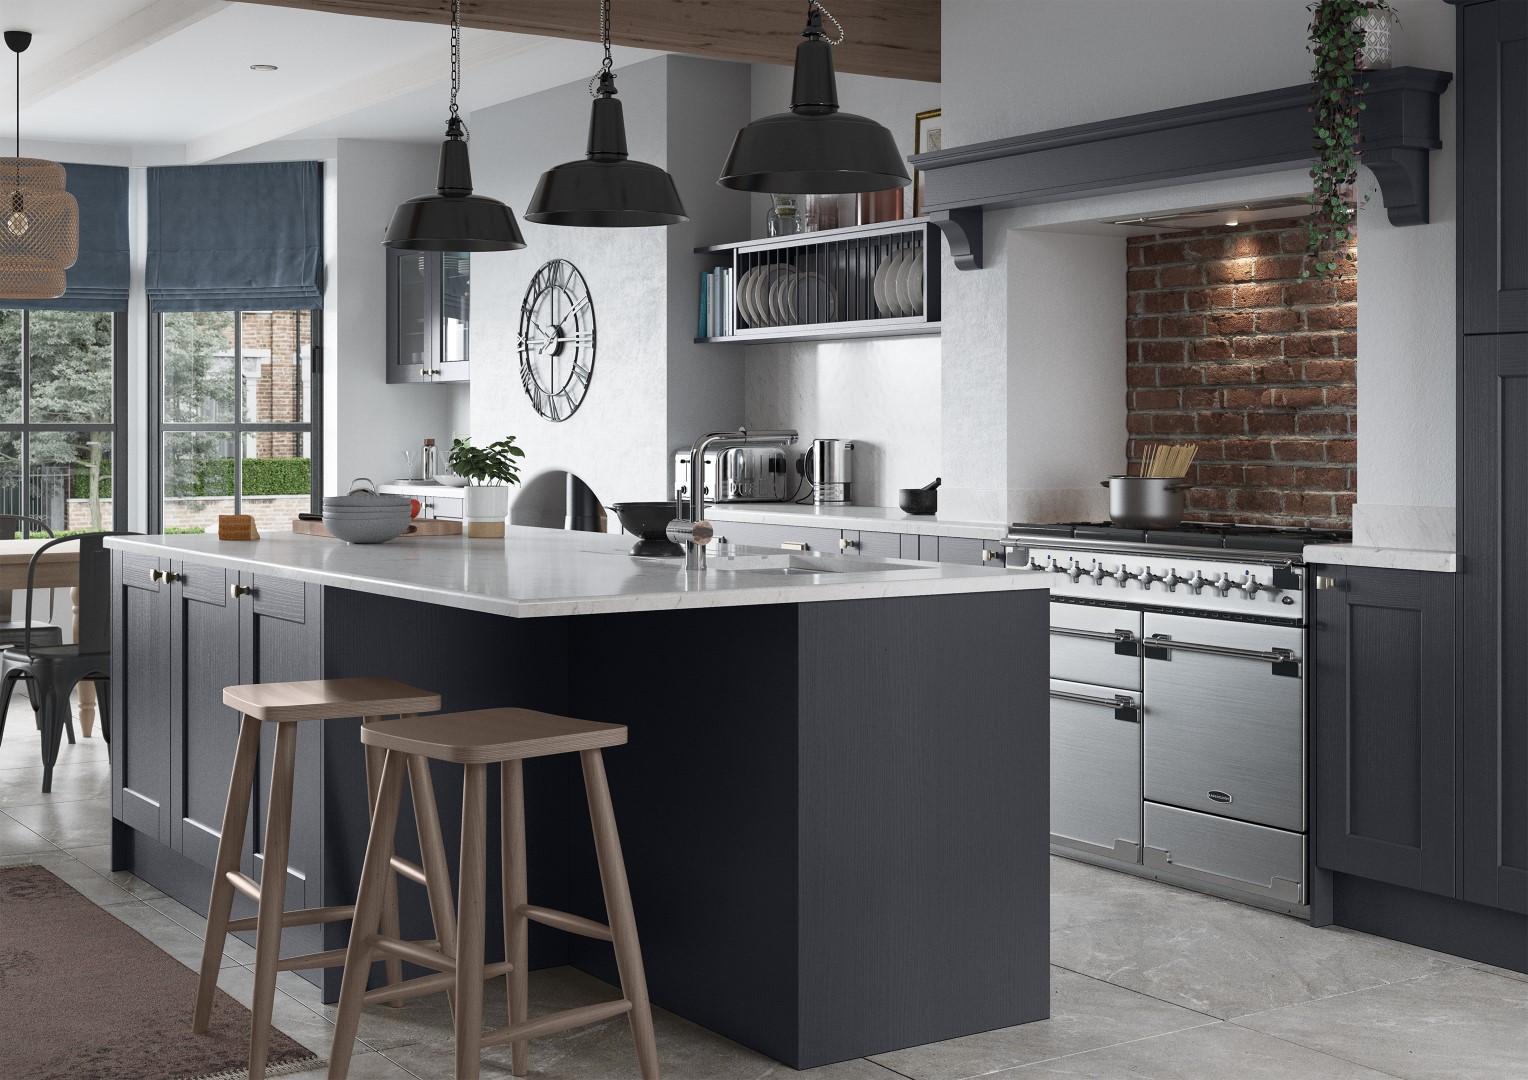 Kensington Indigo - Kitchen Design - Alan Kelly Kitchens - Waterford - 1